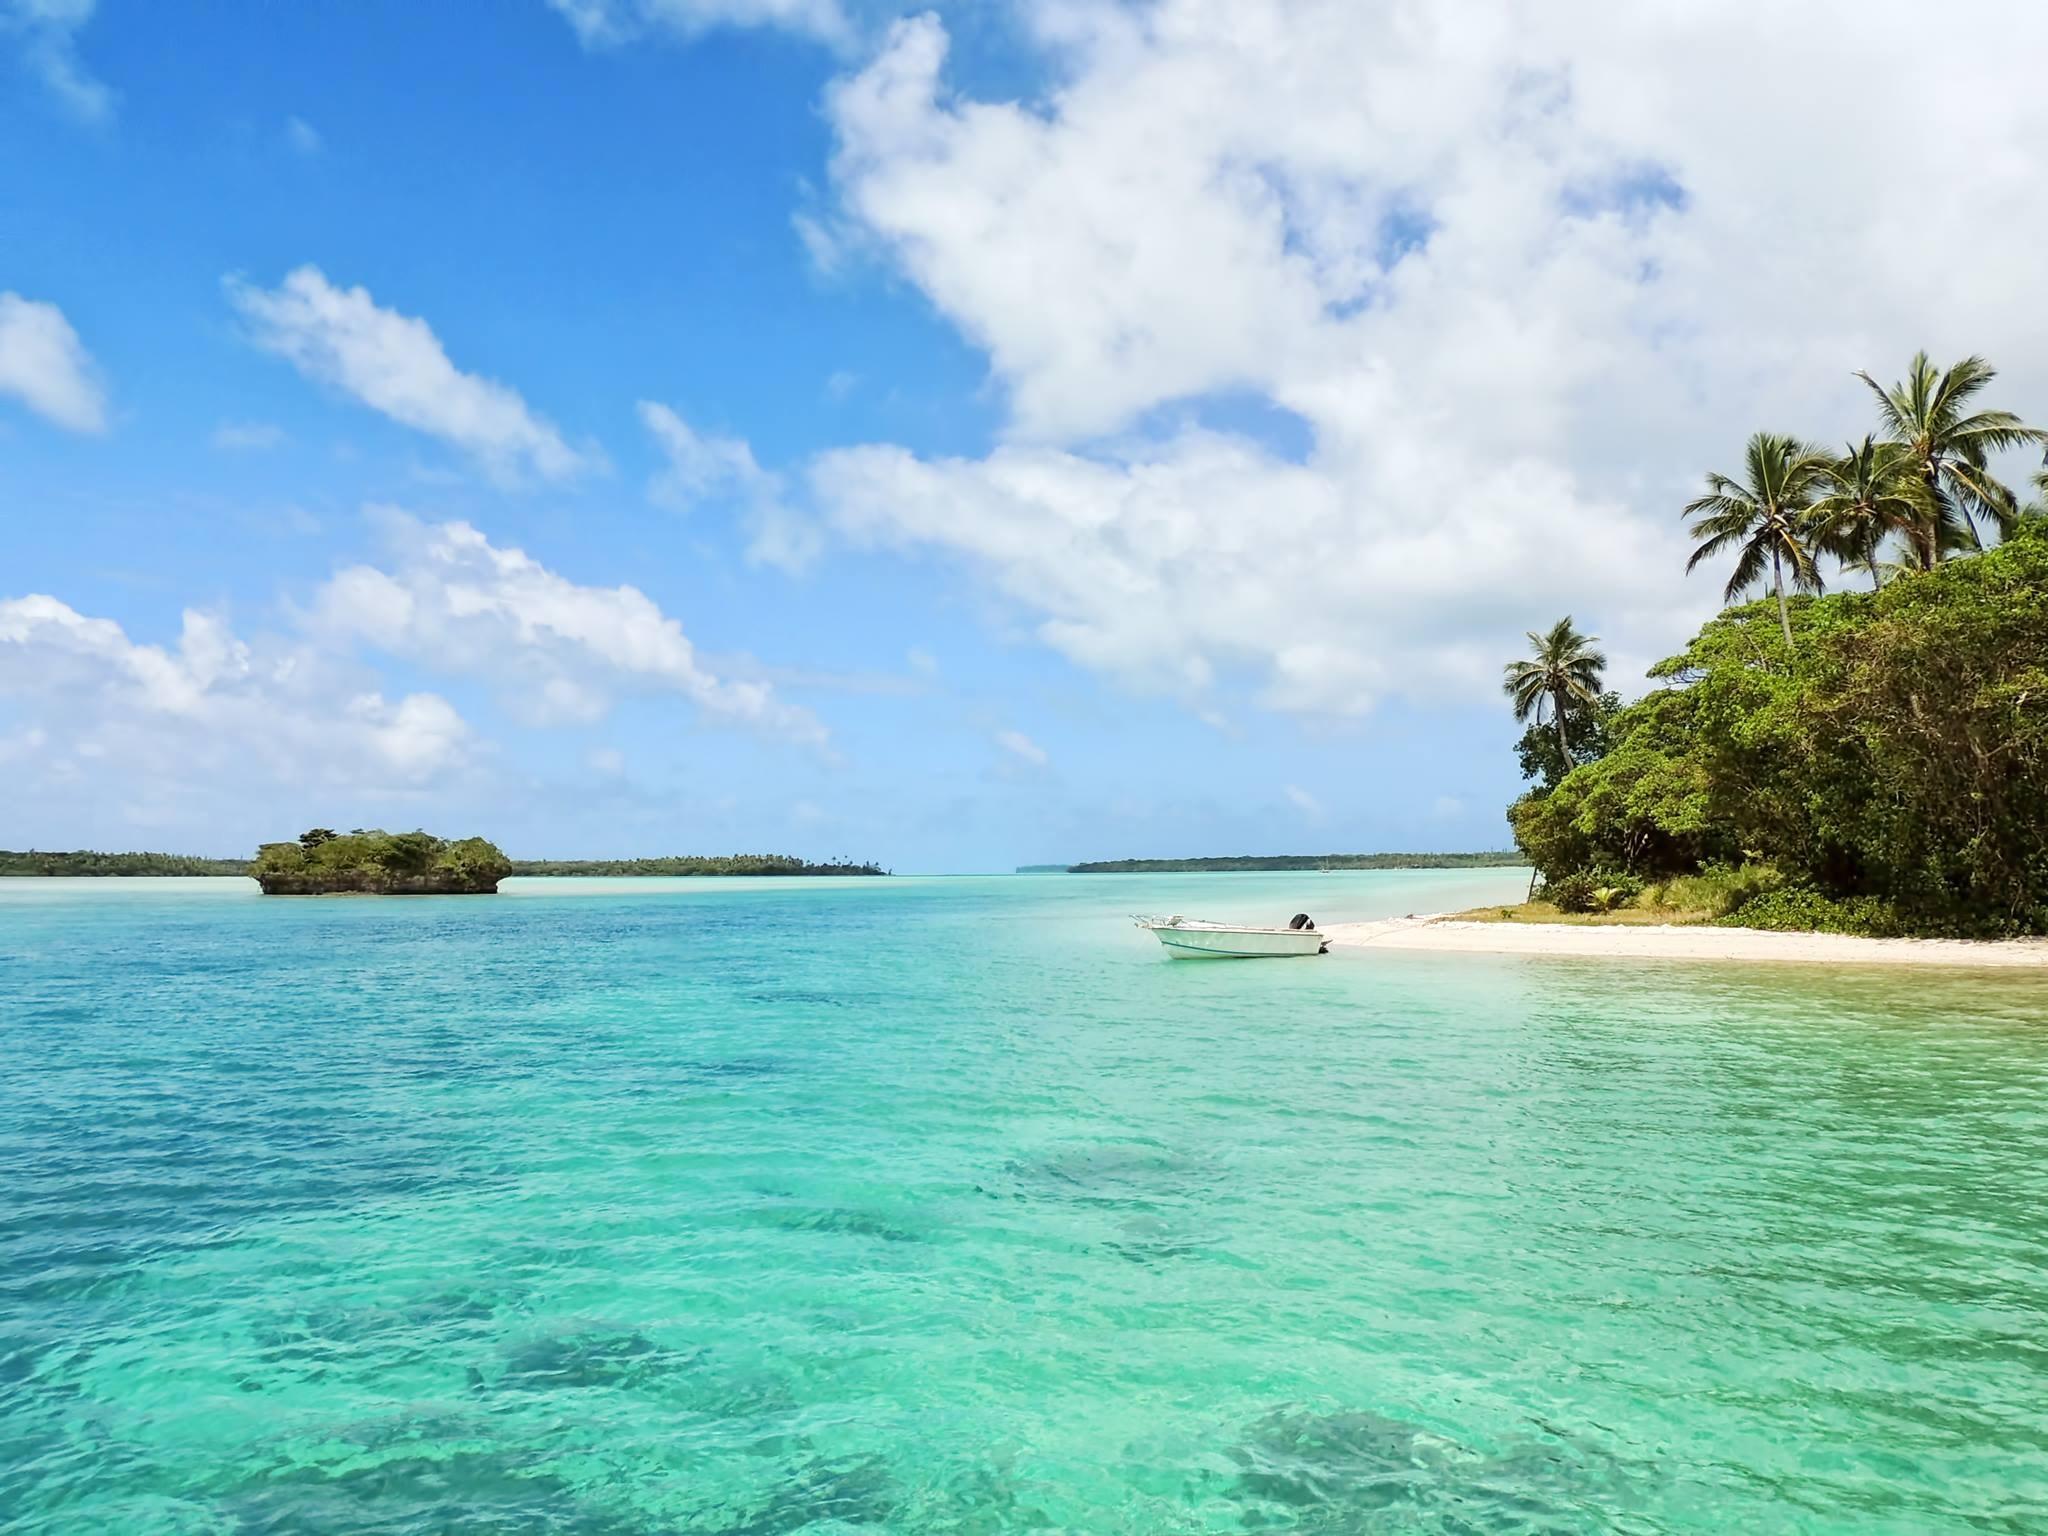 辰の島を遊覧船で観光!無人島でシュノーケリングも楽しい!